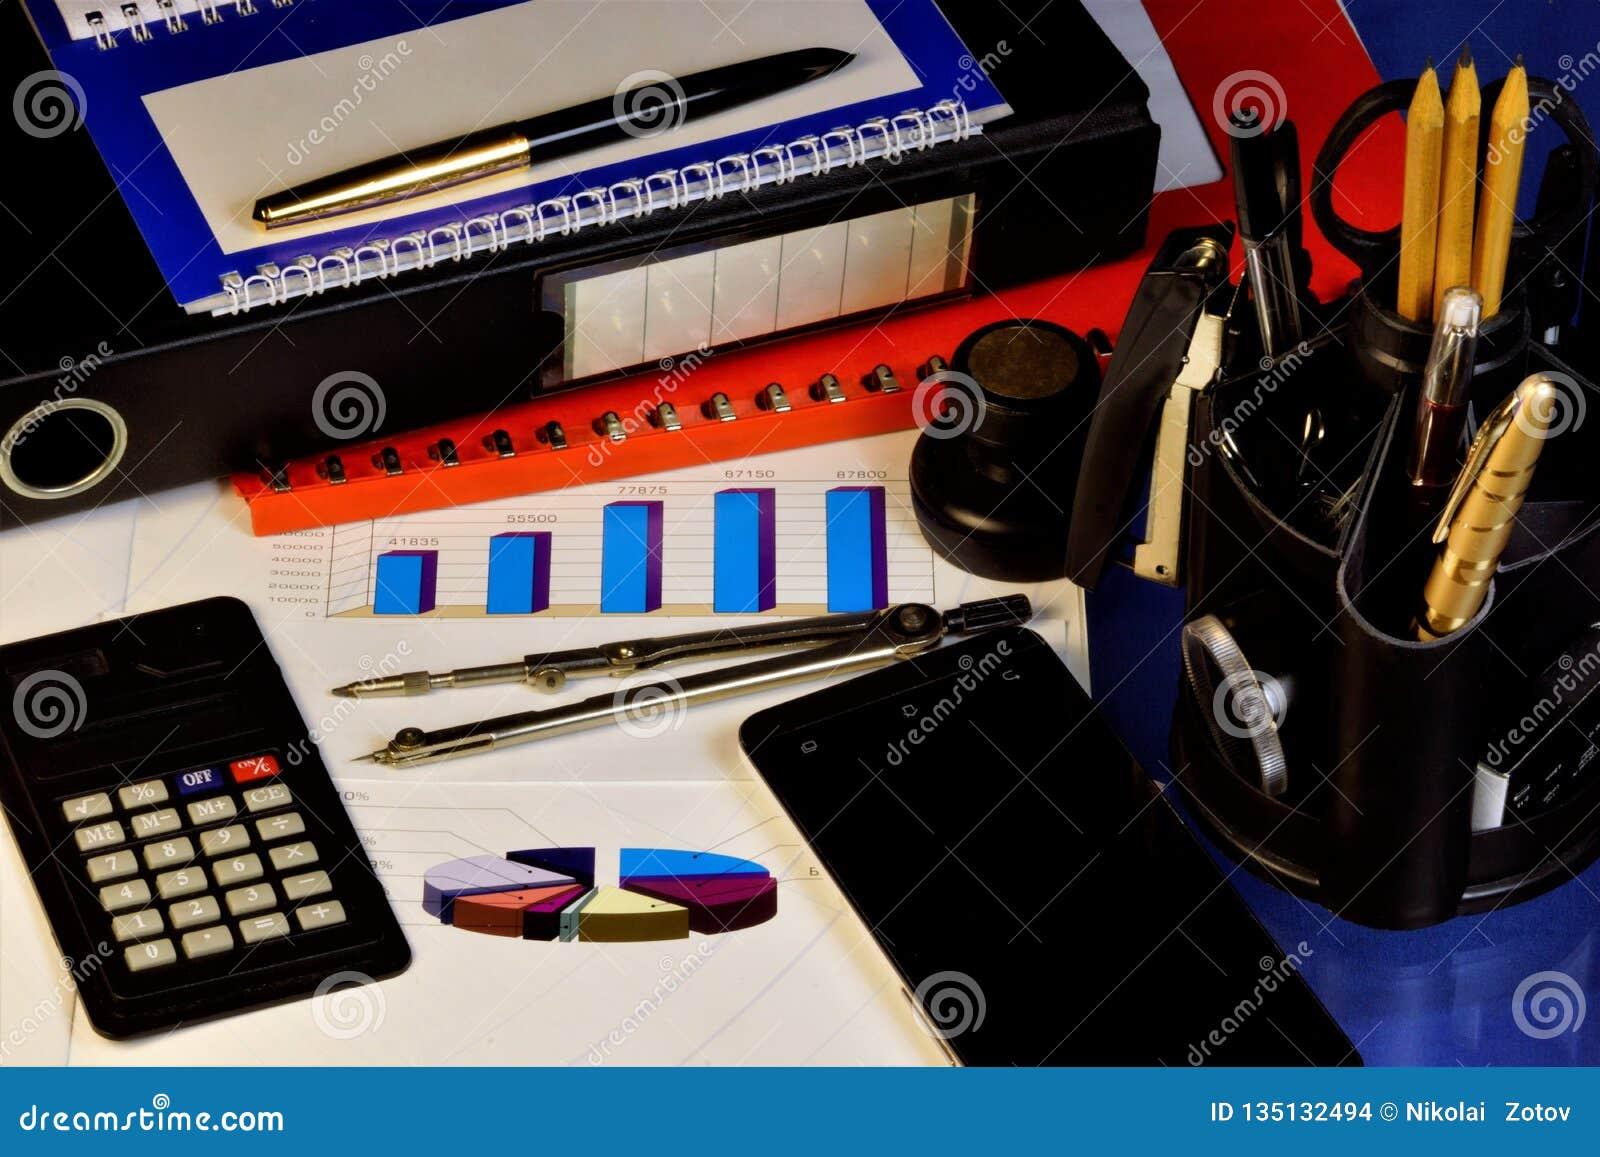 Het bedrijfsbureau groeit regelmatig omhoog-wijst op de grafiek Calculator, smartphone, rode omslag met belangrijke rapporten en